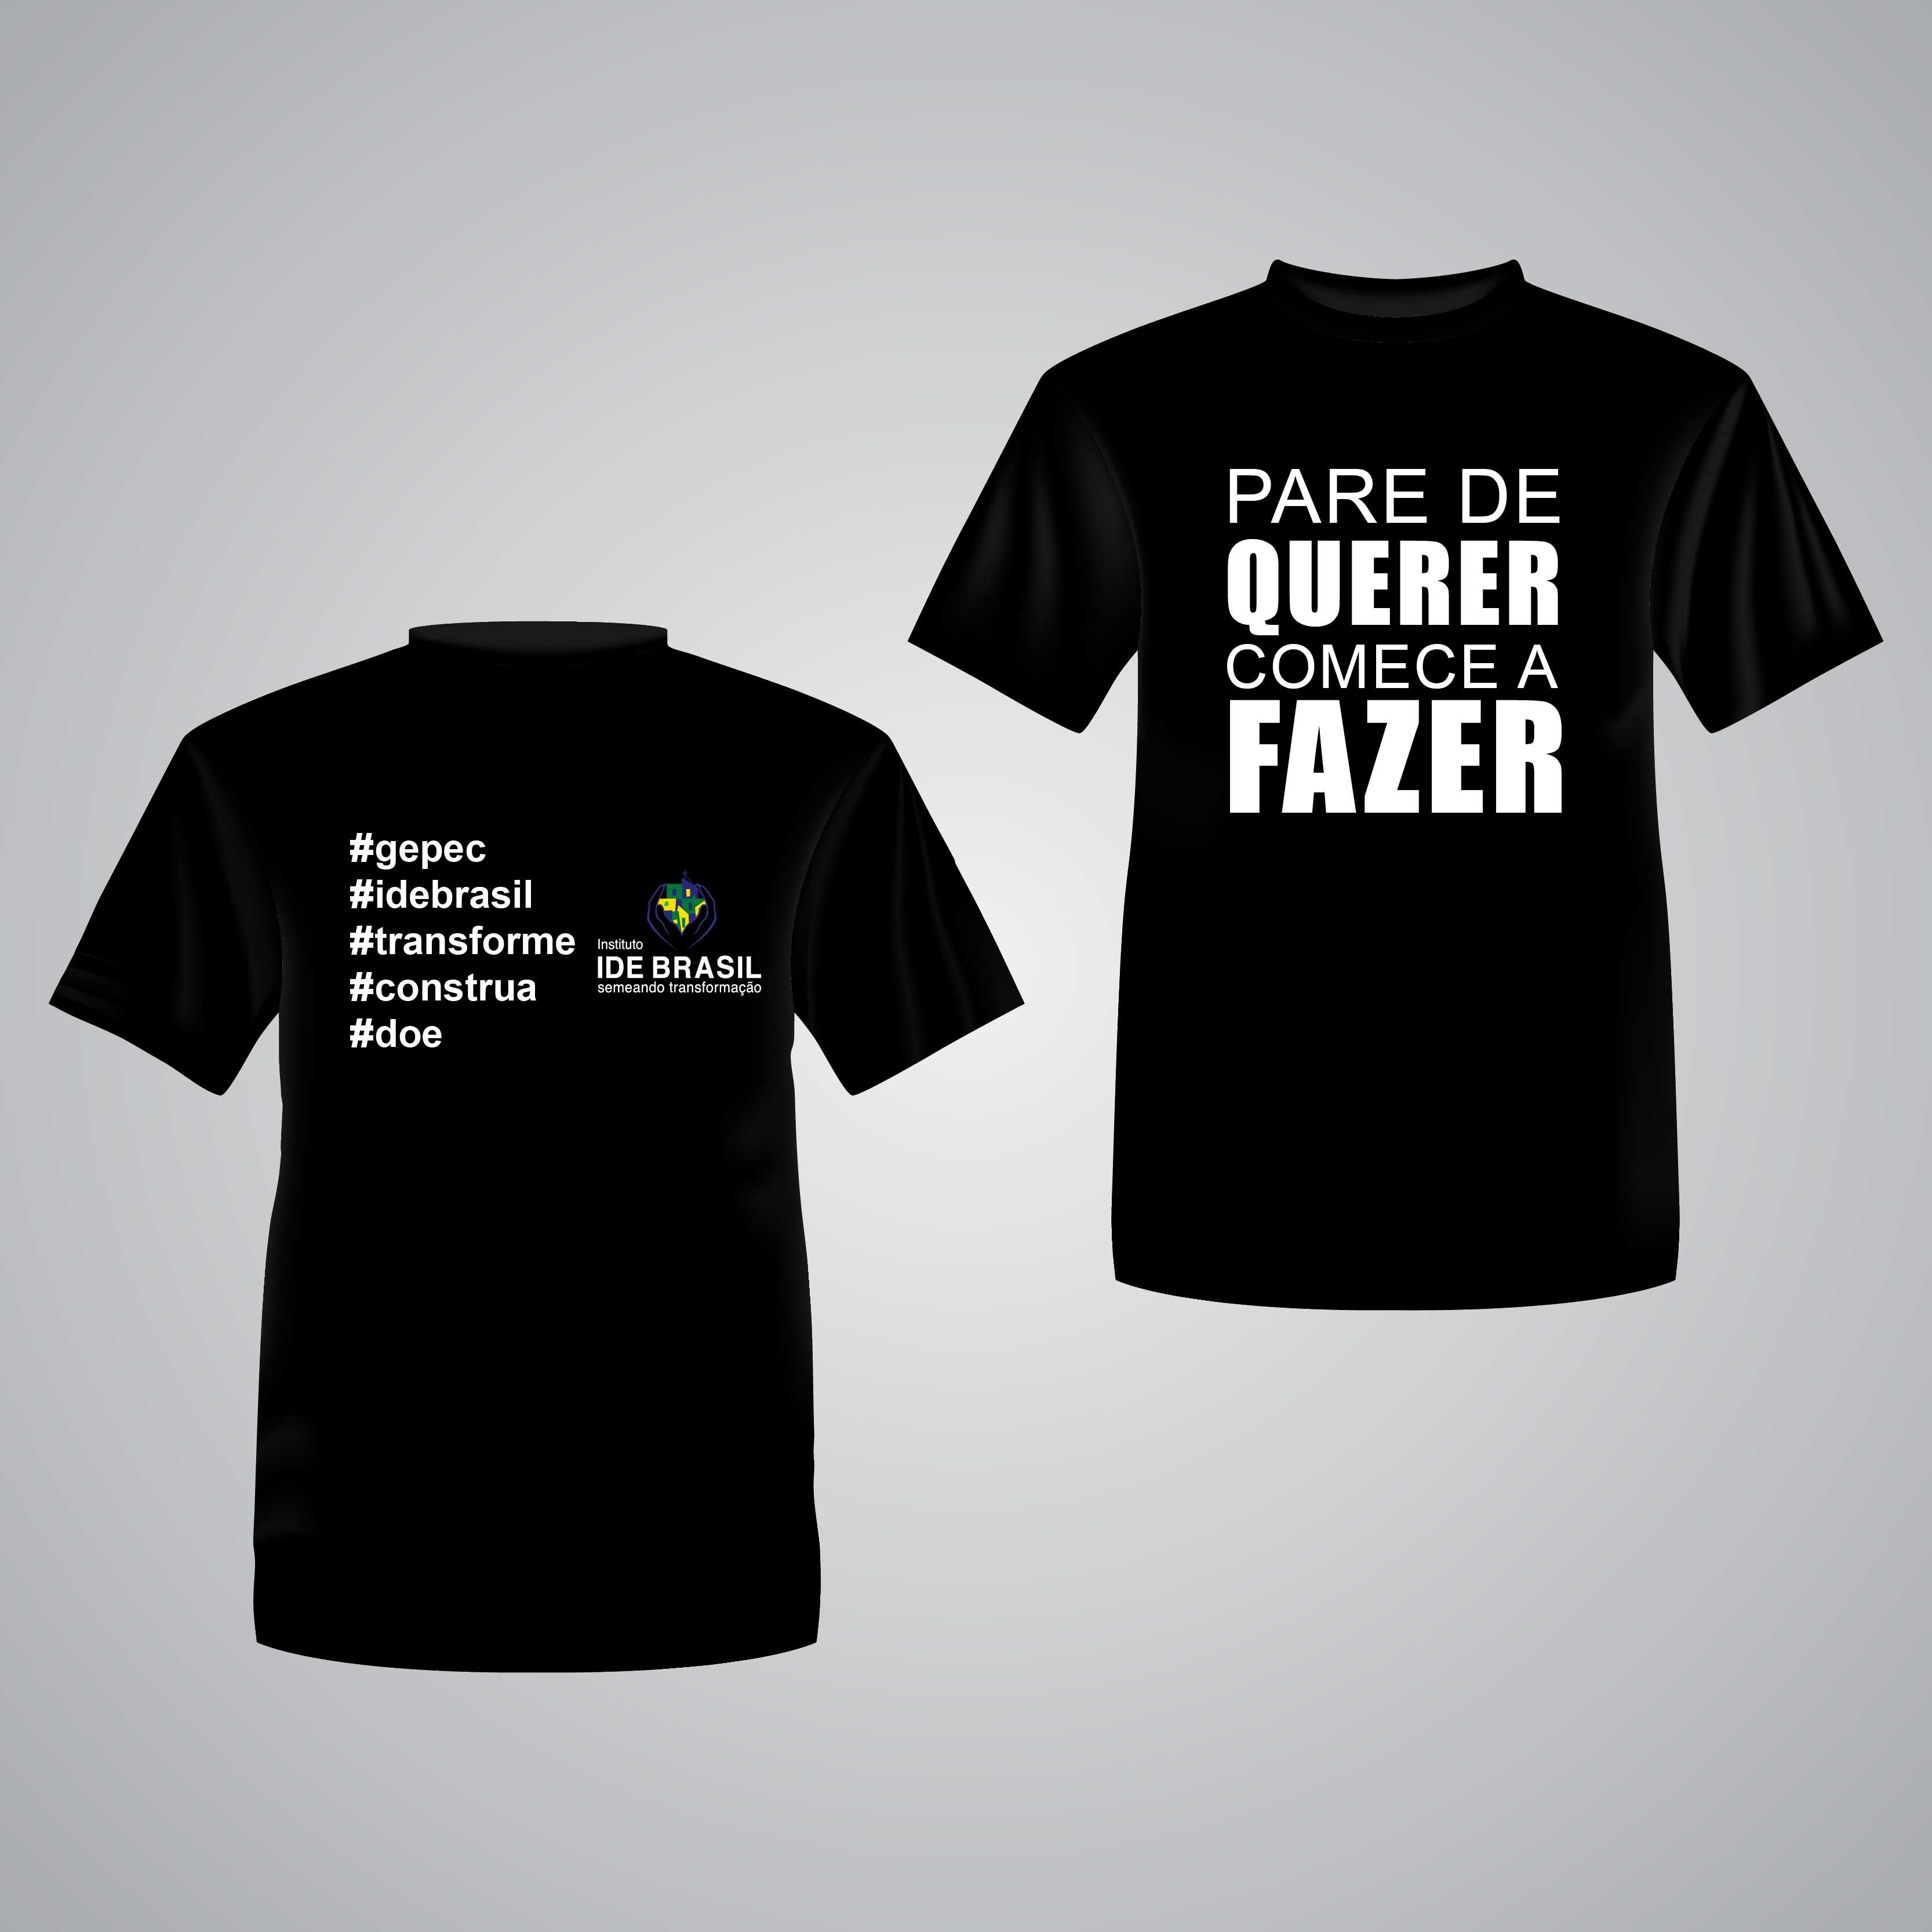 Campanha - PARE DE QUERER COMECE A FAZER